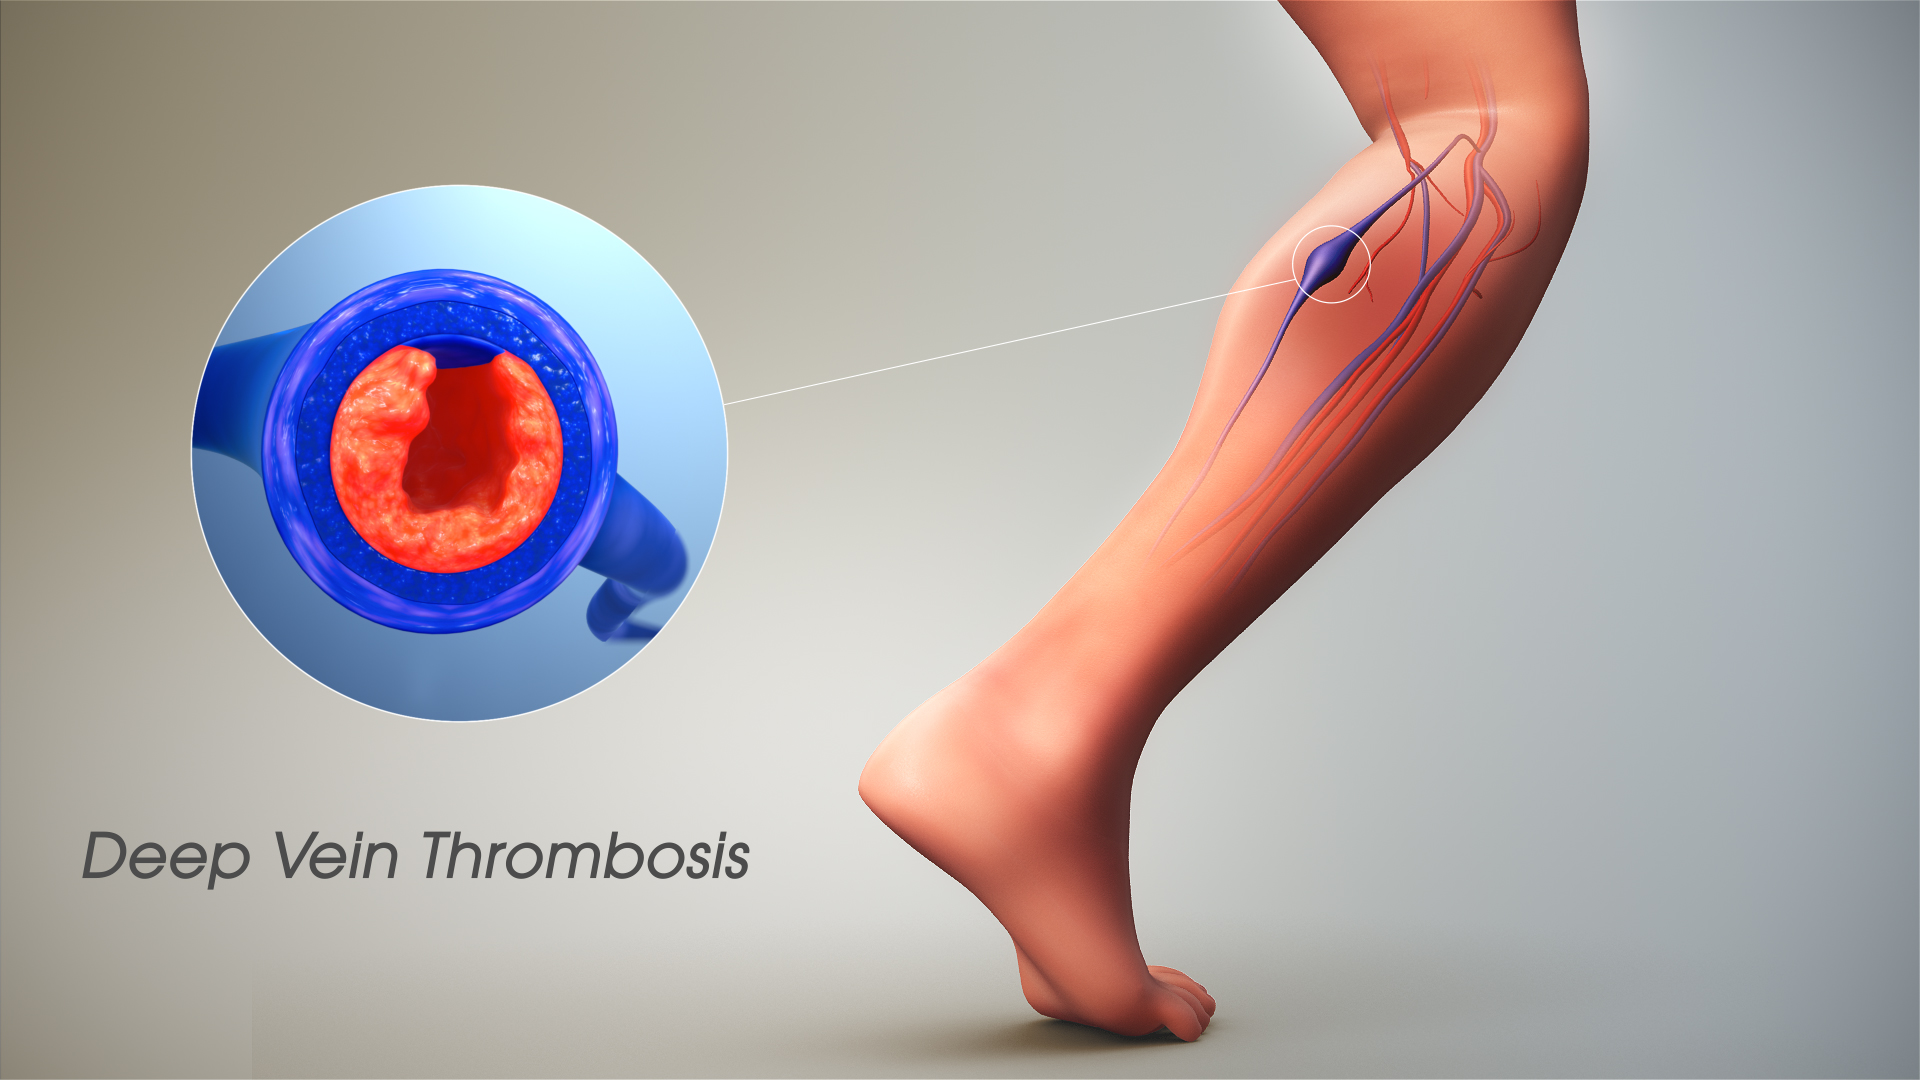 ماهي أعراض دوالي الساقين وأسبابها وطرق العلاج